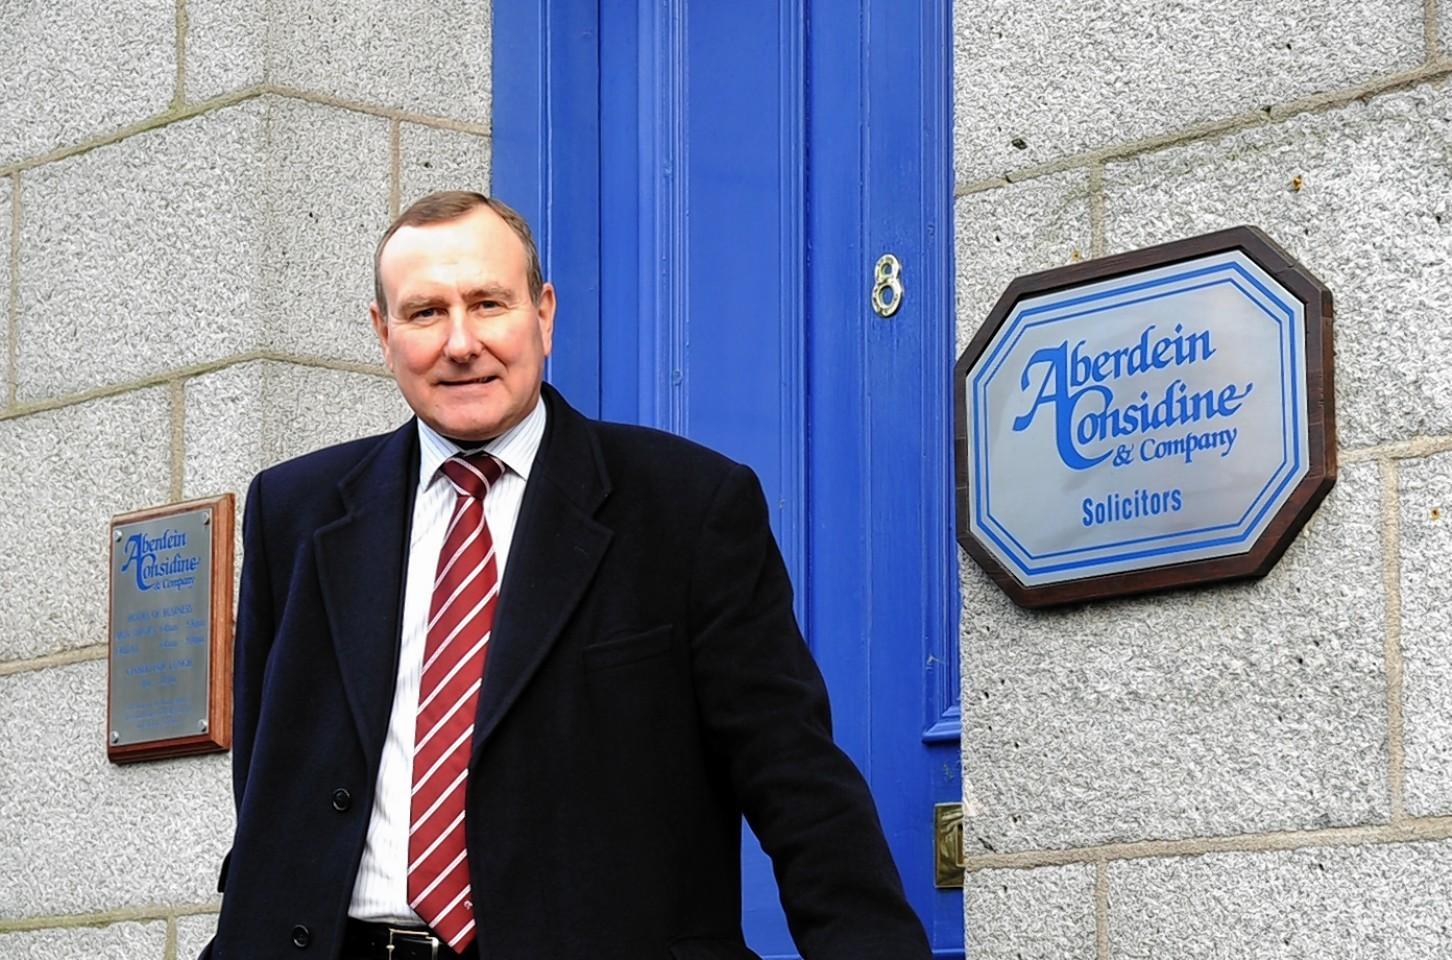 Aberdeen-based law firm, Aberdein Considine & Company  Senior Partner Iain Considine .